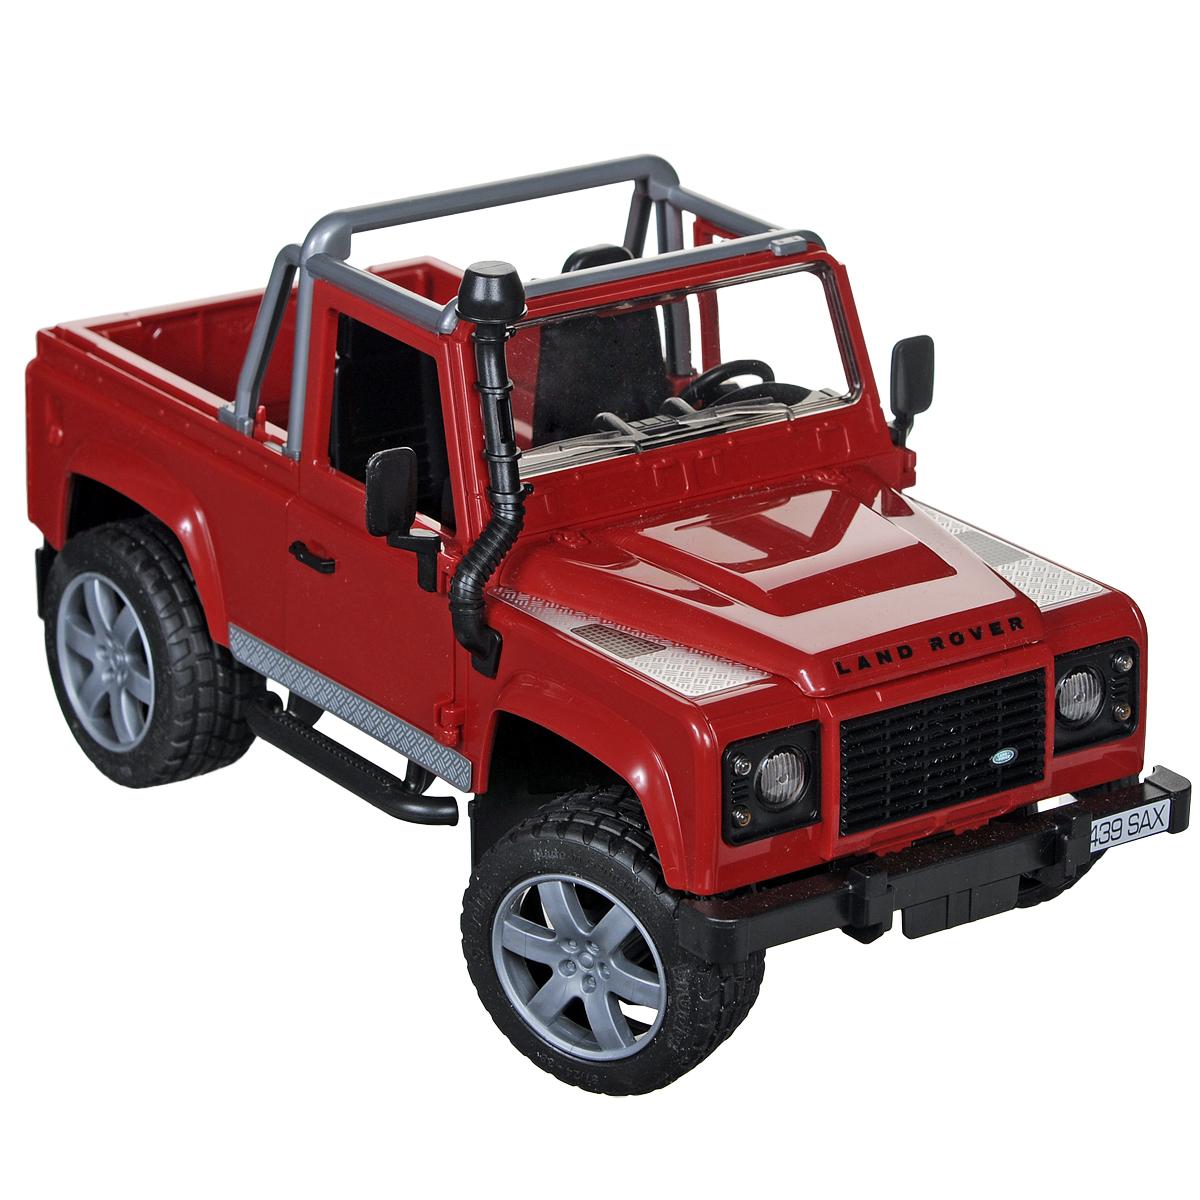 Bruder Внедорожник Land Rover Defender02-591Внедорожник Bruder Land Rover Defender, выполненный из прочного безопасного материала, отлично подойдет ребенку для различных игр. Машина является уменьшенной копией внедорожника фирмы Land Rover Defender без крыши. С левой стороны проходит выхлопная труба. Капот поднимается и крюком фиксируется в верхнем положении. Задний борт опускается. Задние сиденья снимаются, и внедорожник превращается в удобный автомобиль для перевозки грузов. Передняя и задняя оси оснащены амортизаторами. Также внедорожник оснащен фаркопом. Двери водителя и пассажира открываются и снимаются. В салон помещается небольшая фигурка или игрушка. Передние колеса поворачиваются рулем. Кроме этого, в наборе прилагается дополнительный руль (расположен на днище автомобиля), которым через крышу можно управлять колесами внедорожника. Прорезиненные колеса обеспечивают машине устойчивость и хорошую проходимость. Порадуйте своего ребенка таким замечательным подарком!